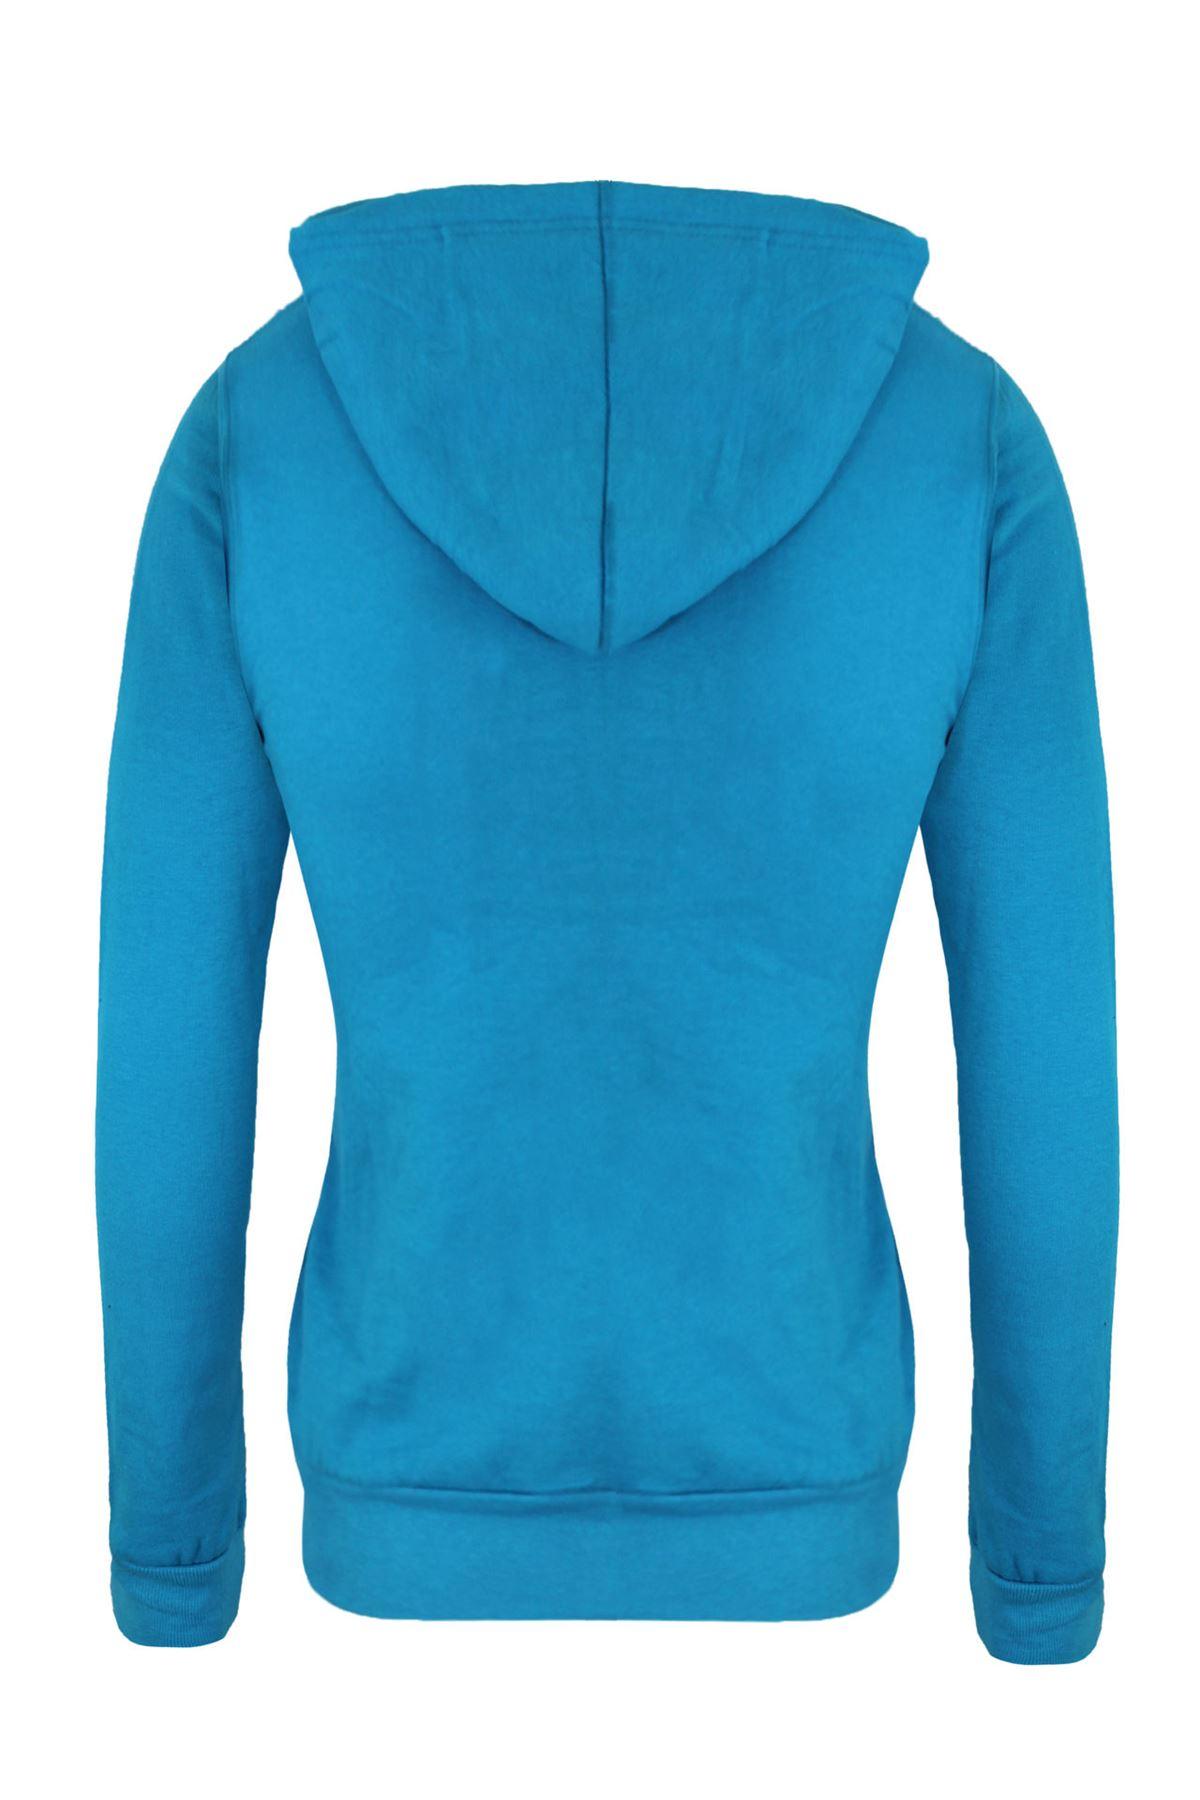 Femmes-Manches-Longues-Uni-A-Capuche-Femmes-Sweat-a-Capuche-Coton-Top-8-10-12-14 miniature 10